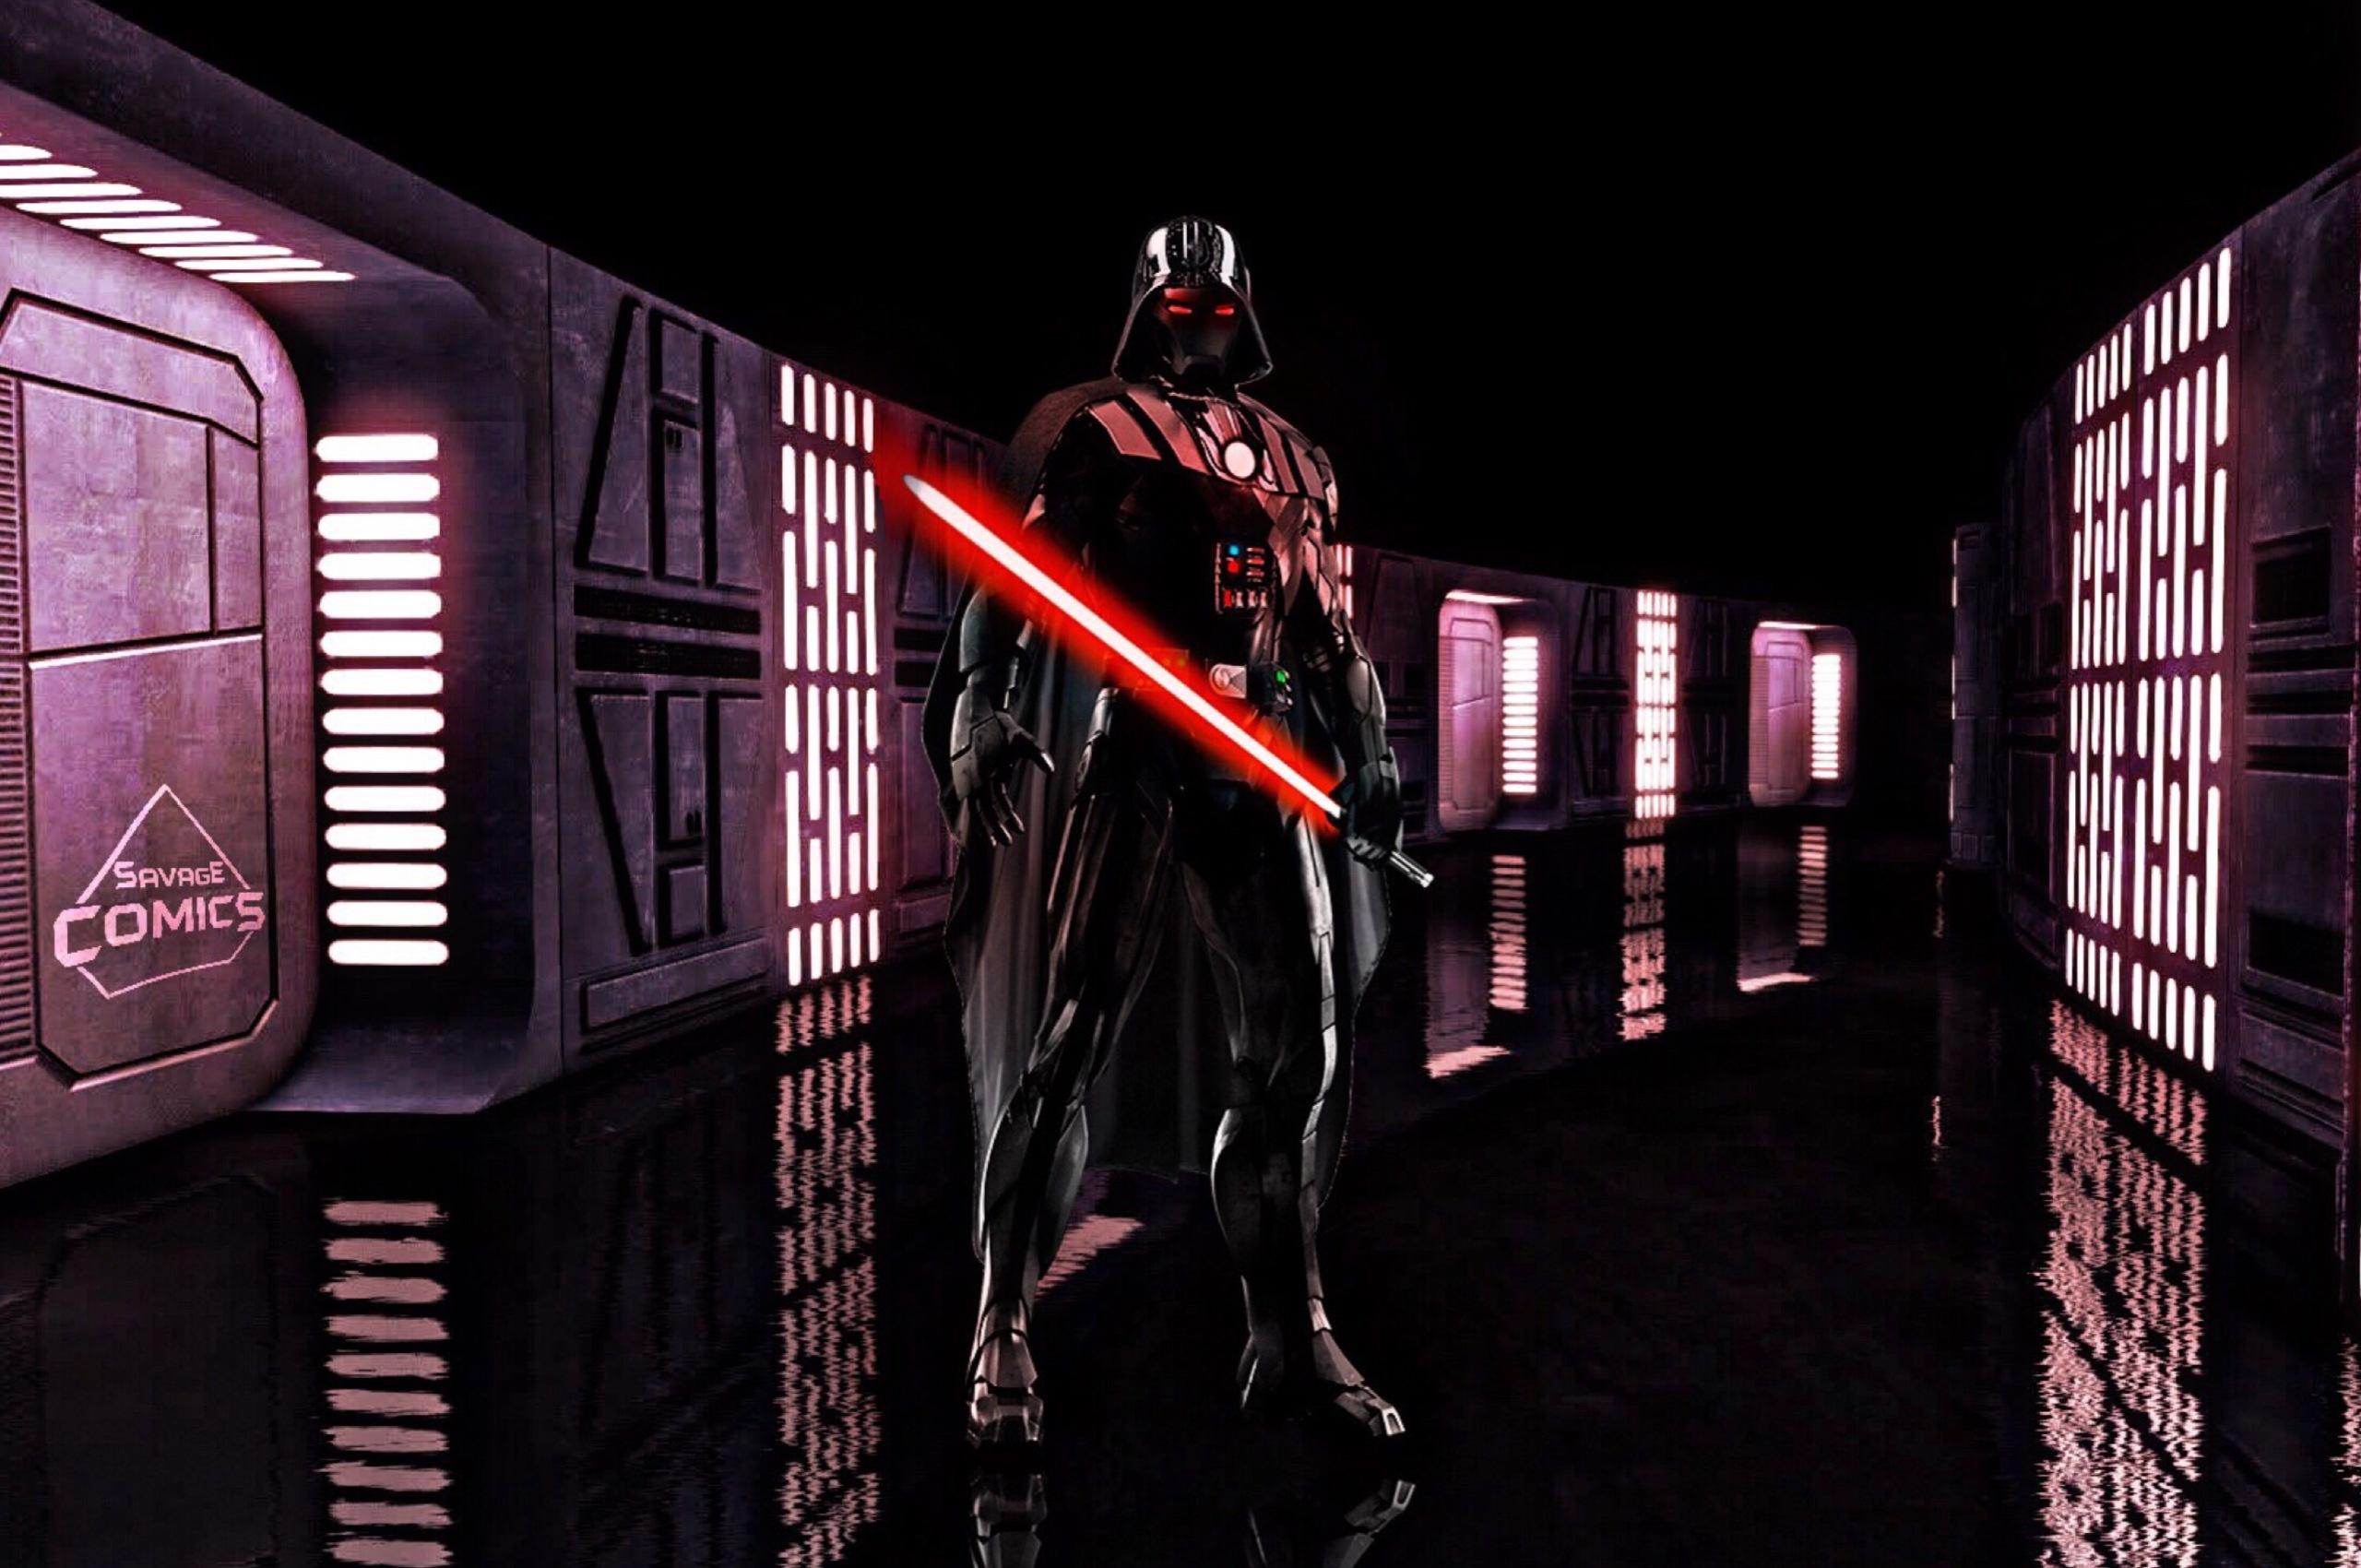 iron-vader-lightsaber-la.jpg